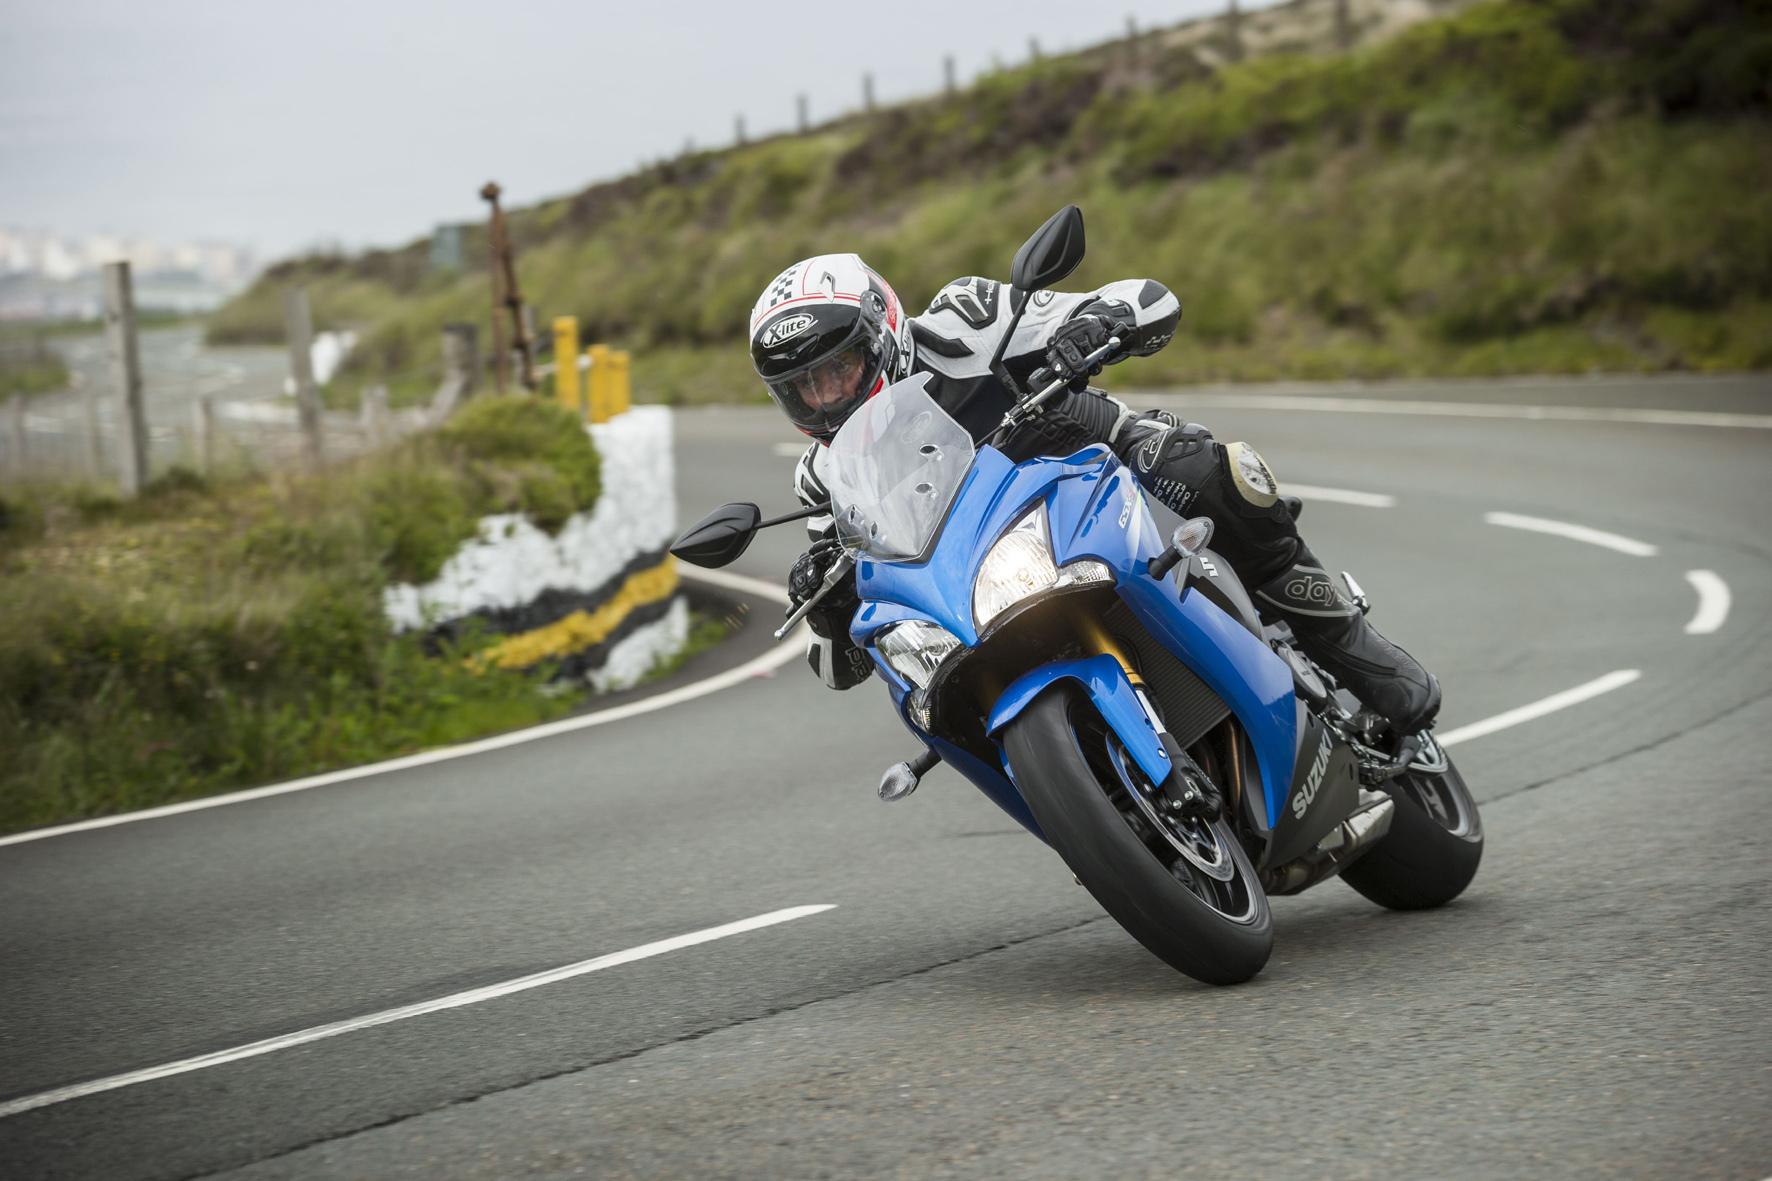 mid Isle of Man - Suzuki schickt mit der GSX-S1000F jetzt die vollverkleidete Variante seines Sportlers in der Einliter-Klasse an den Start.